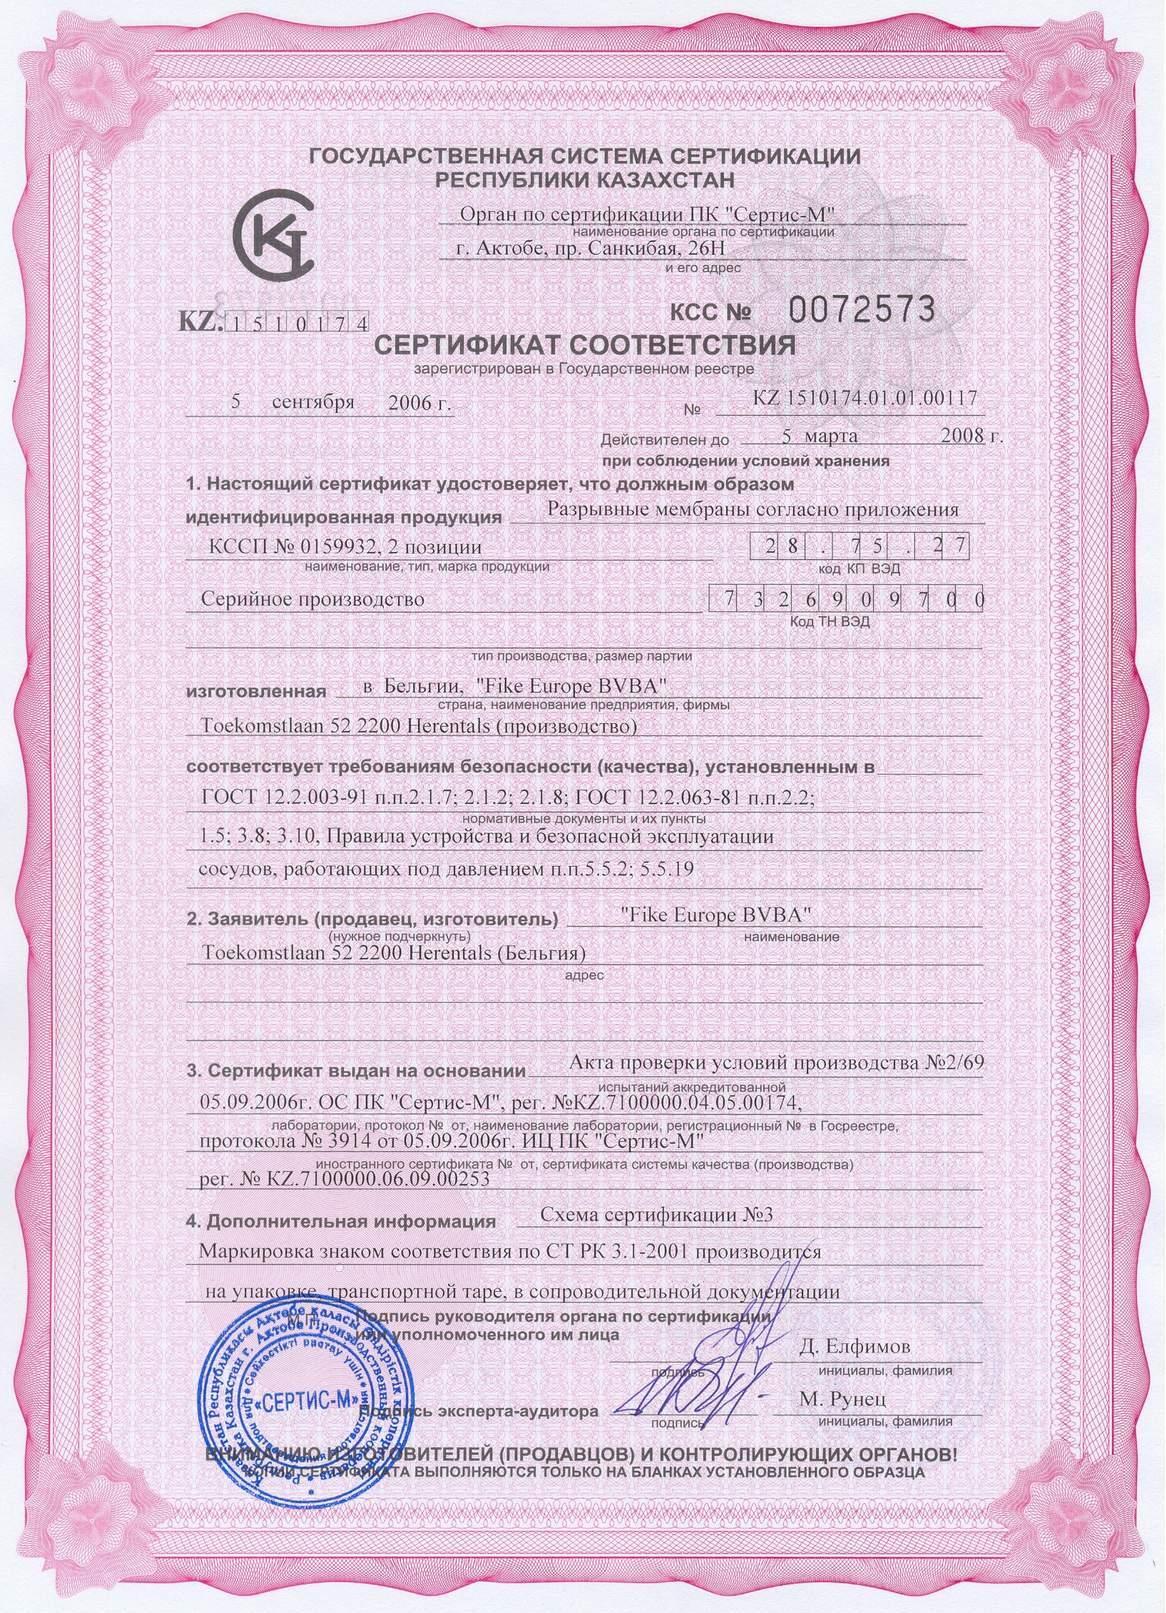 哈萨克斯坦认证,GOST-K认证,哈萨克斯坦计量认证,哈萨克斯坦医疗器械认证